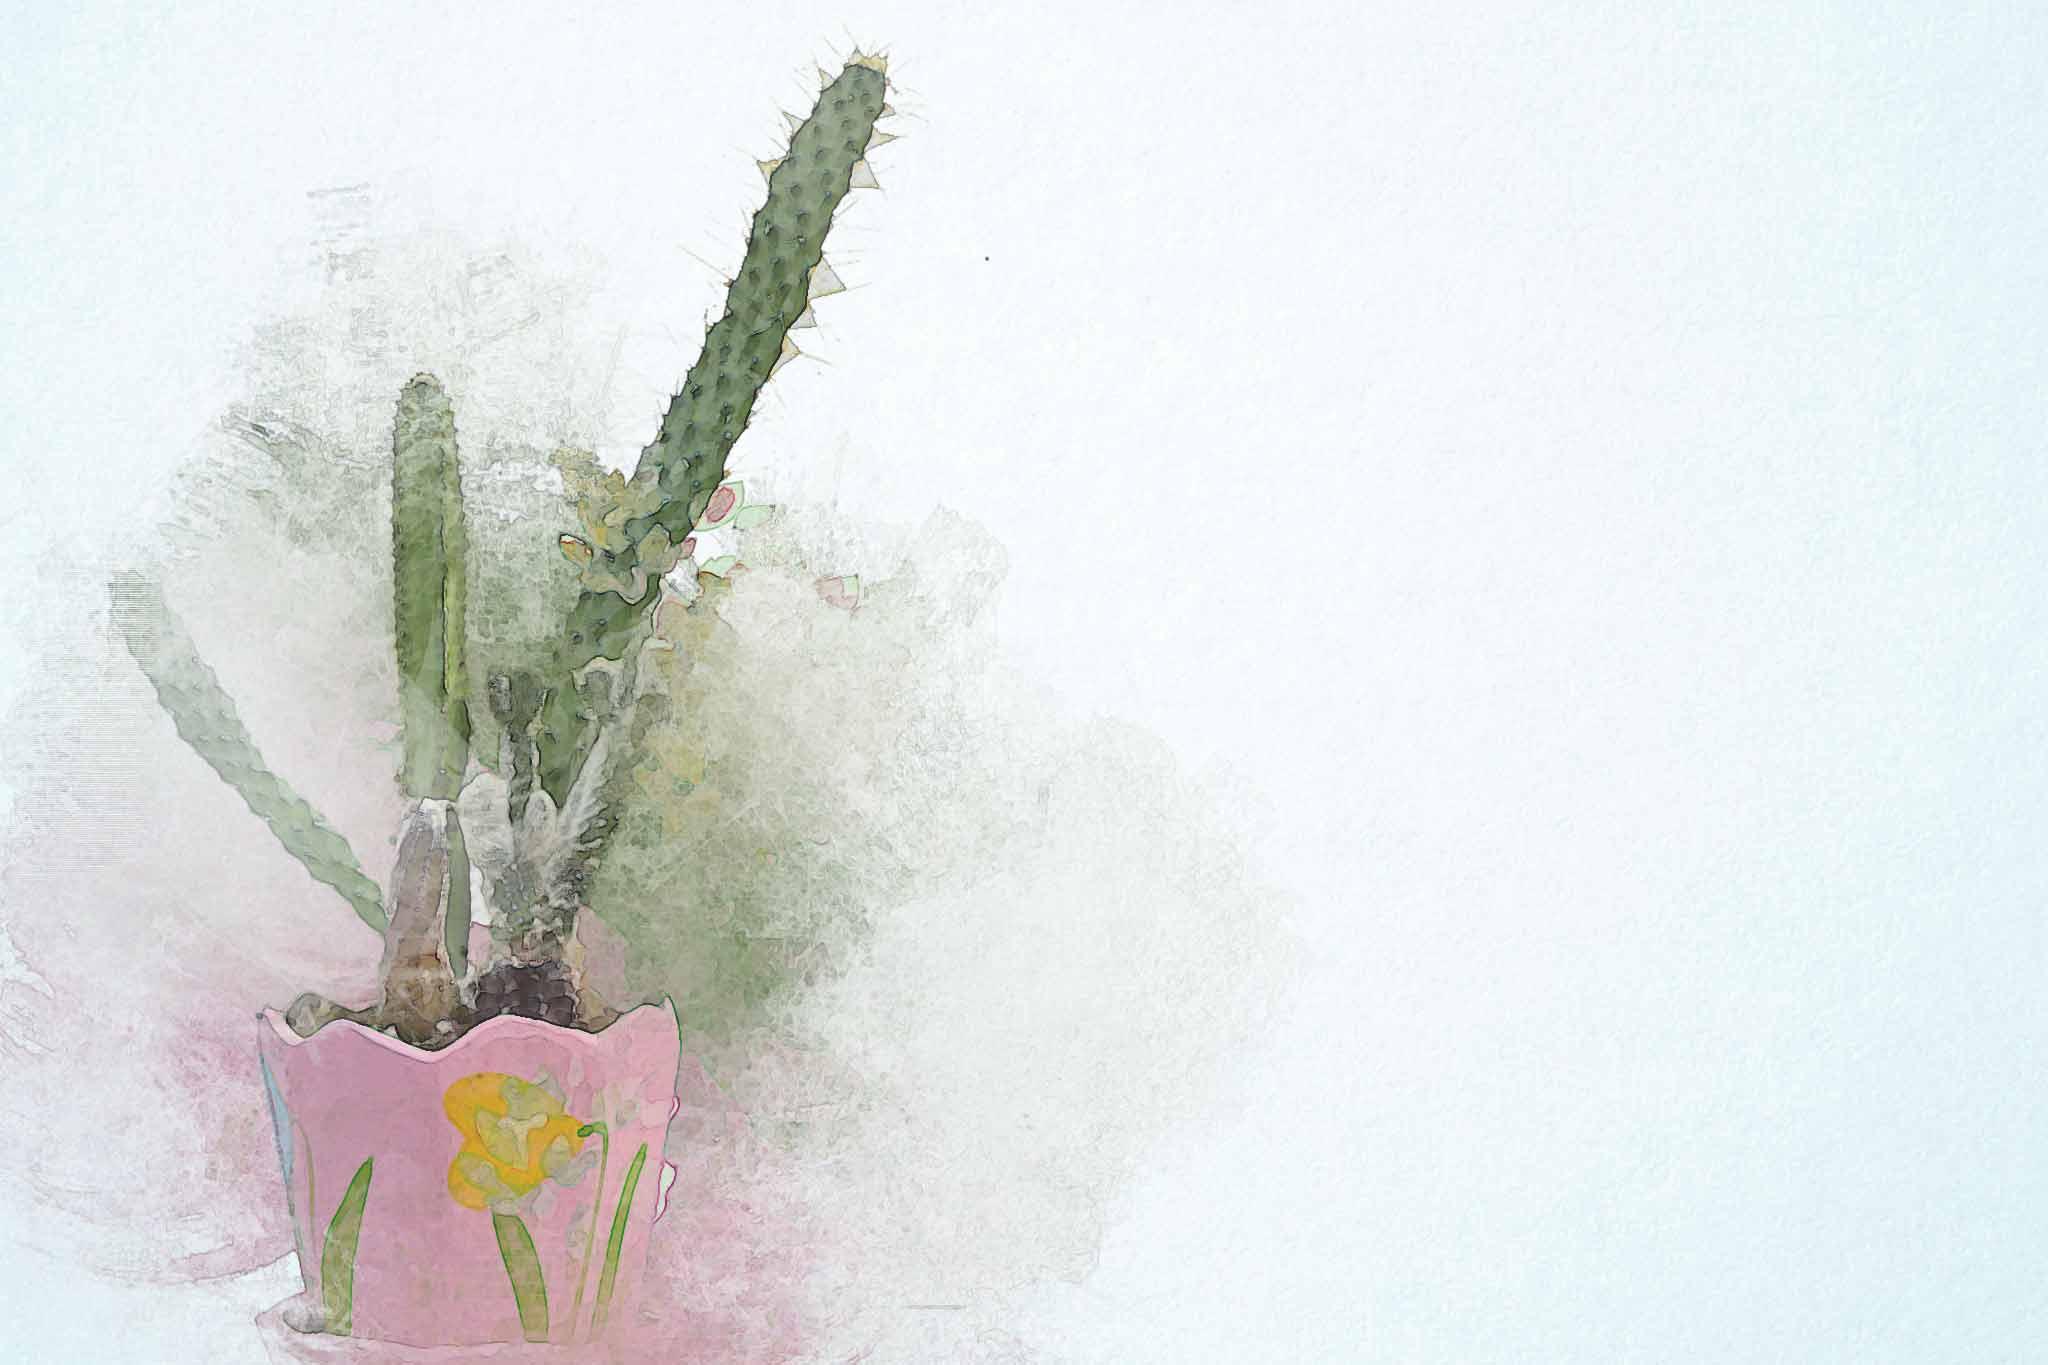 cactus green pink pot flowers